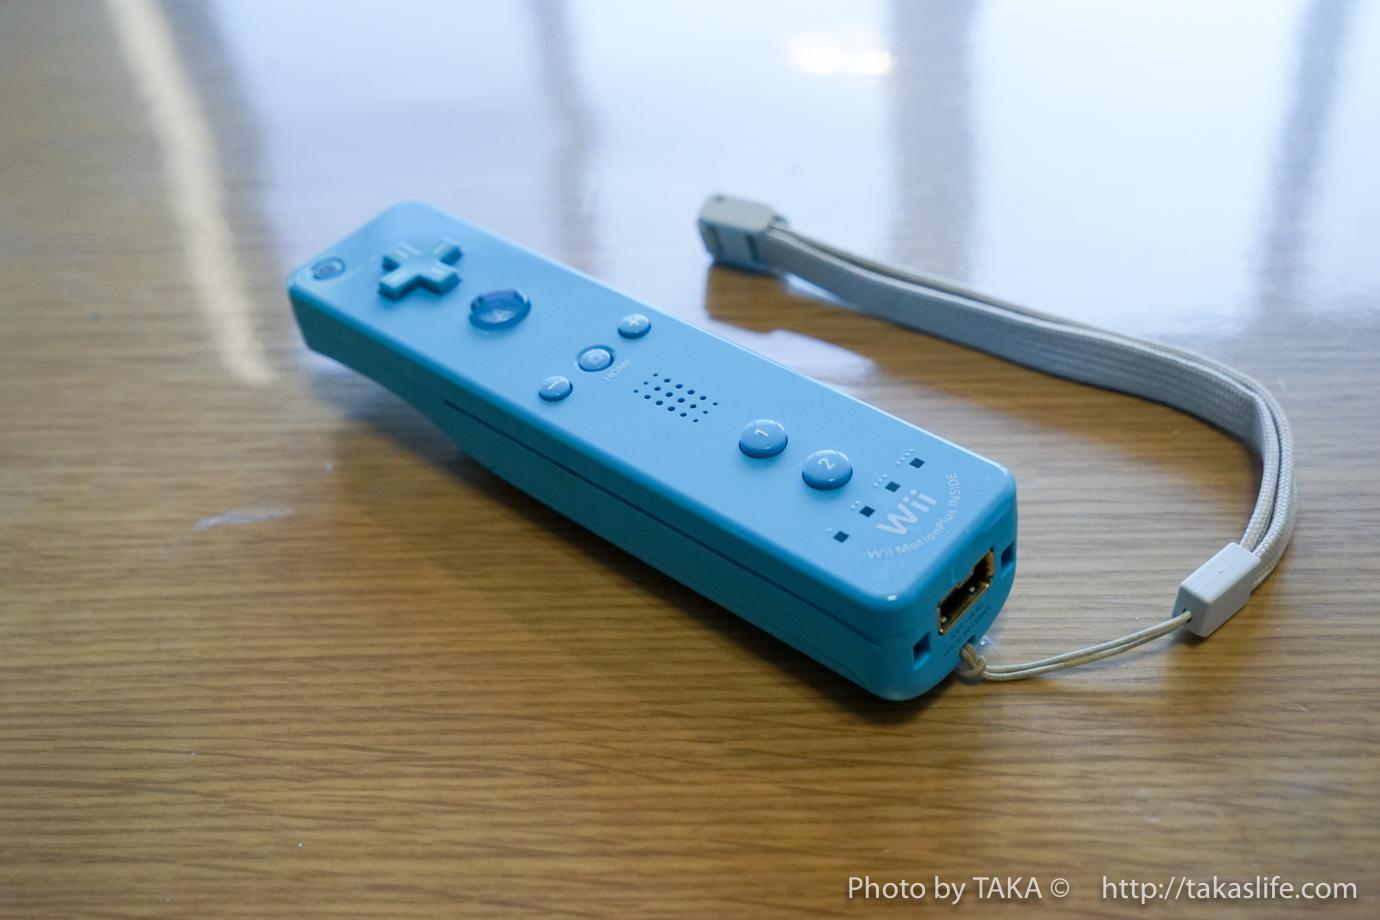 Wiiリモコンボタンのゴム交換 10 20170204 170749